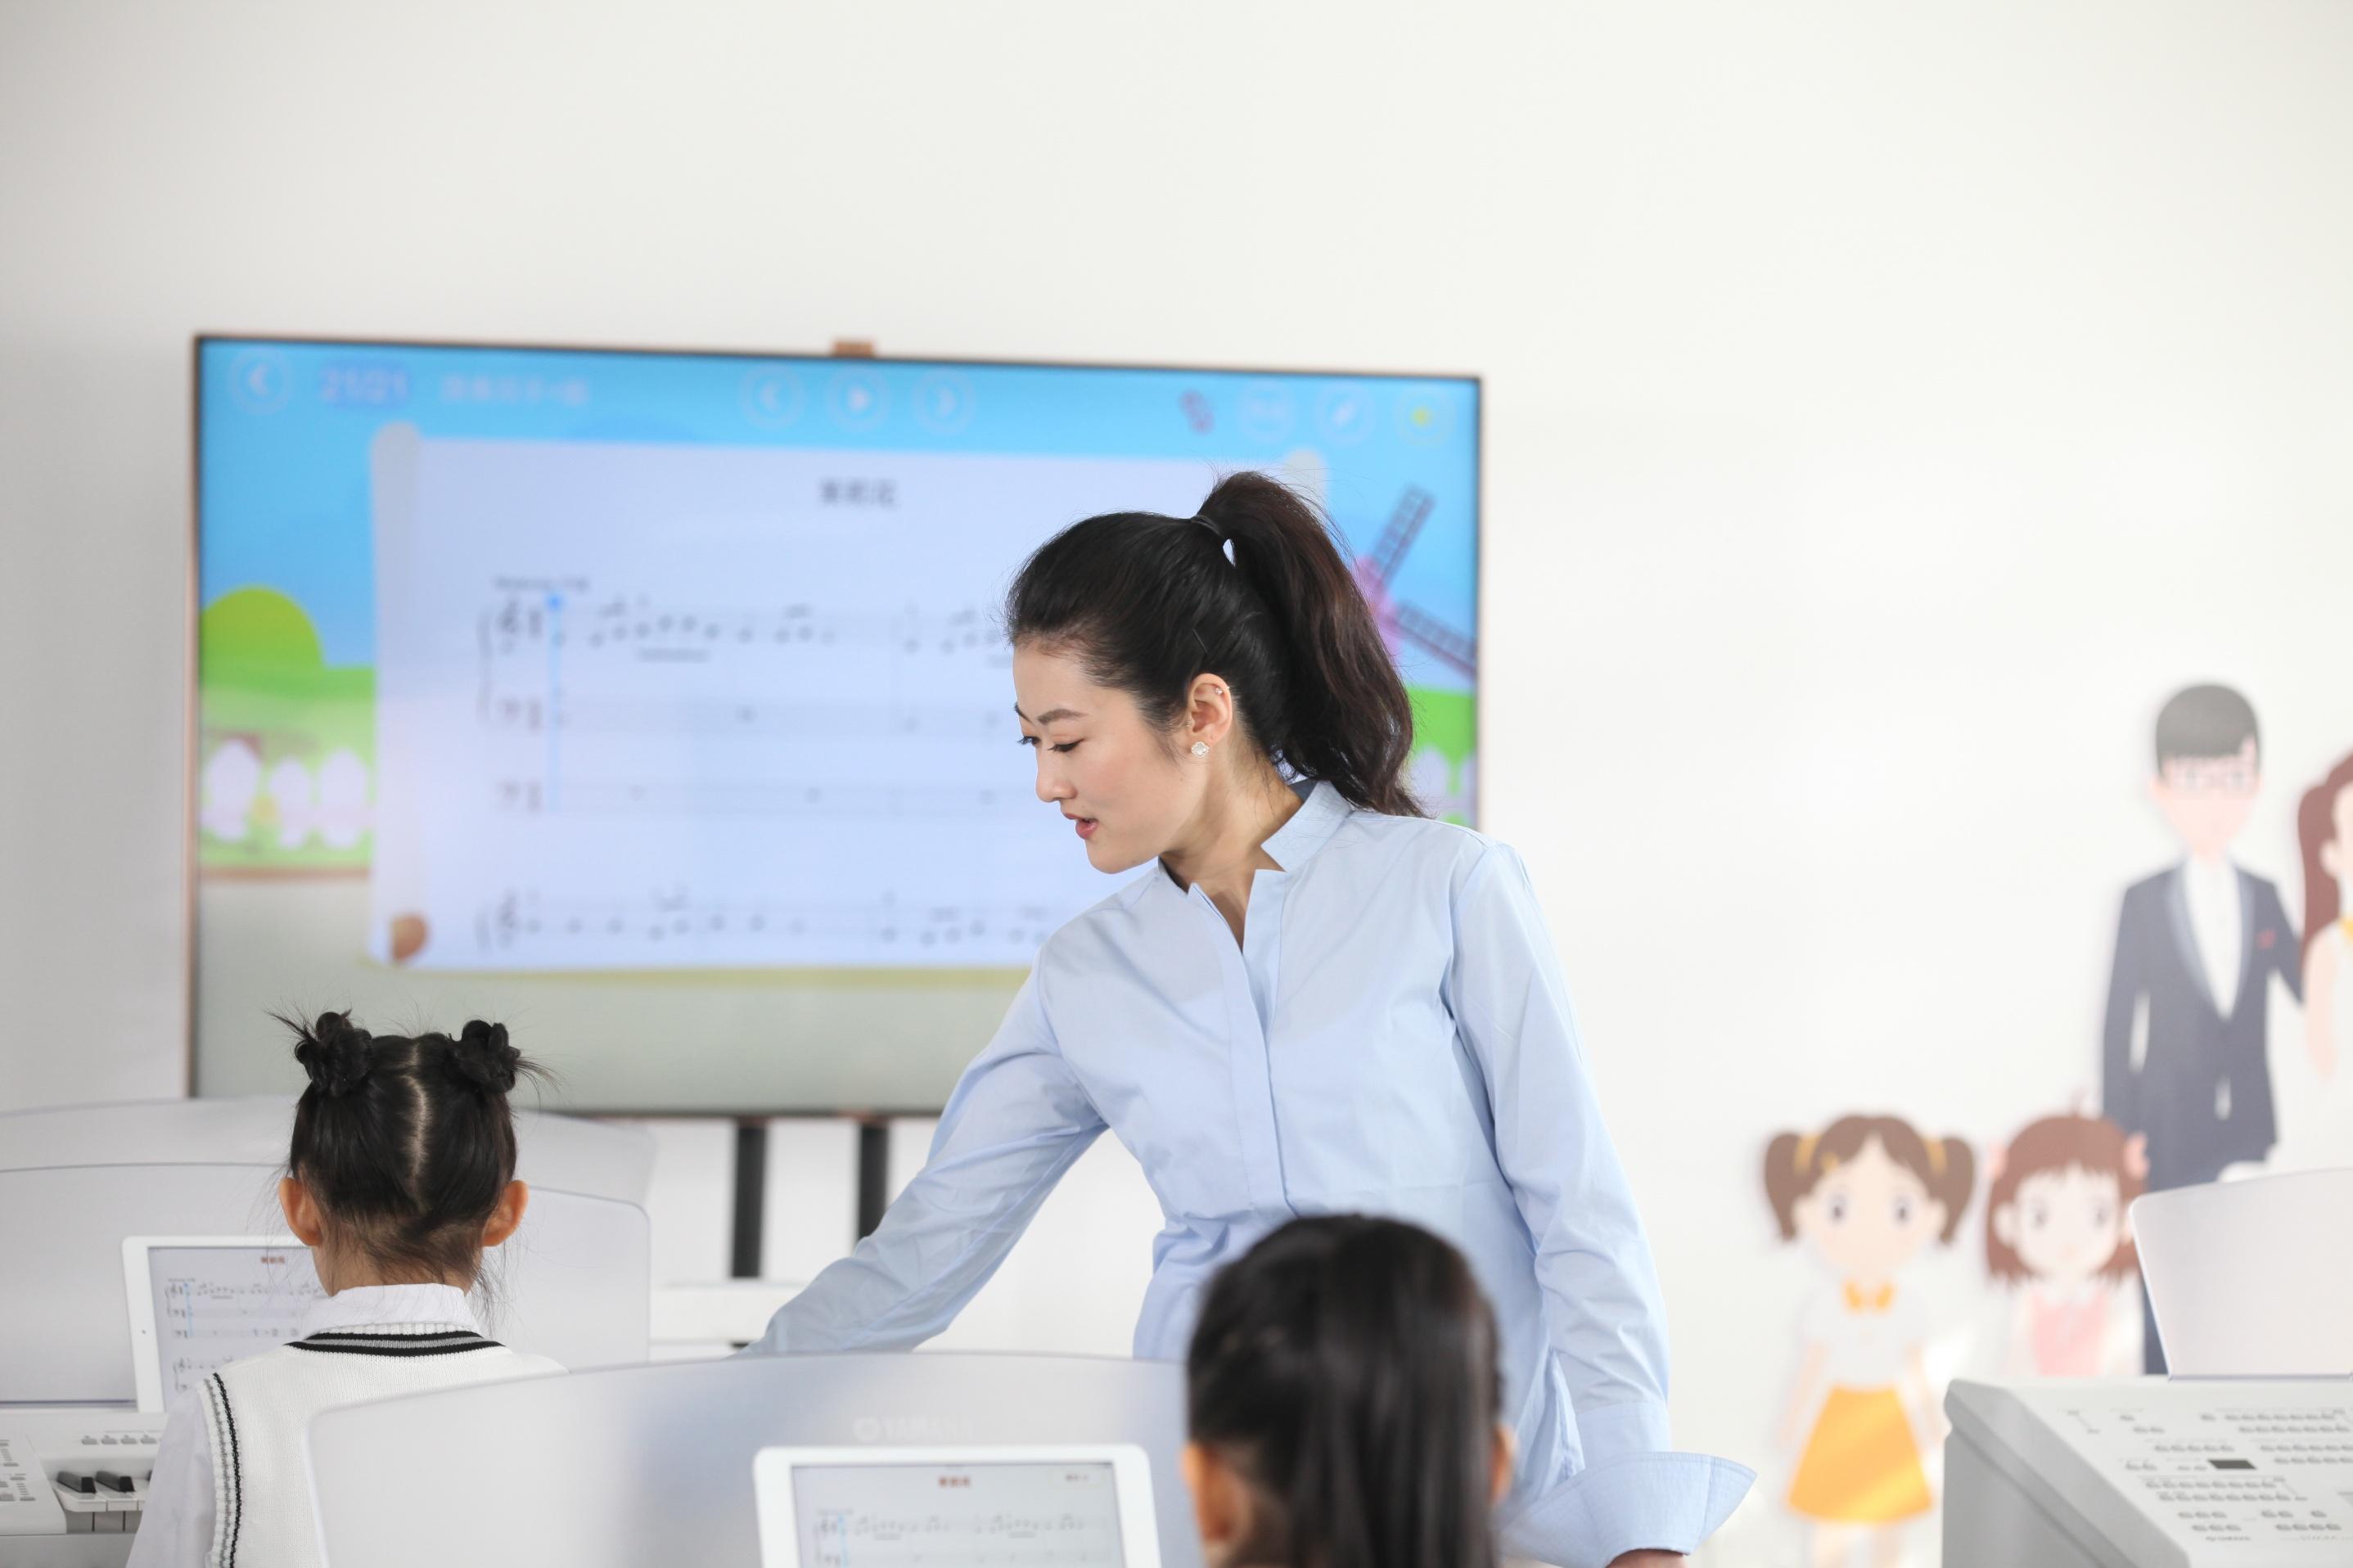 学乐器为什么建议要找专业的老师